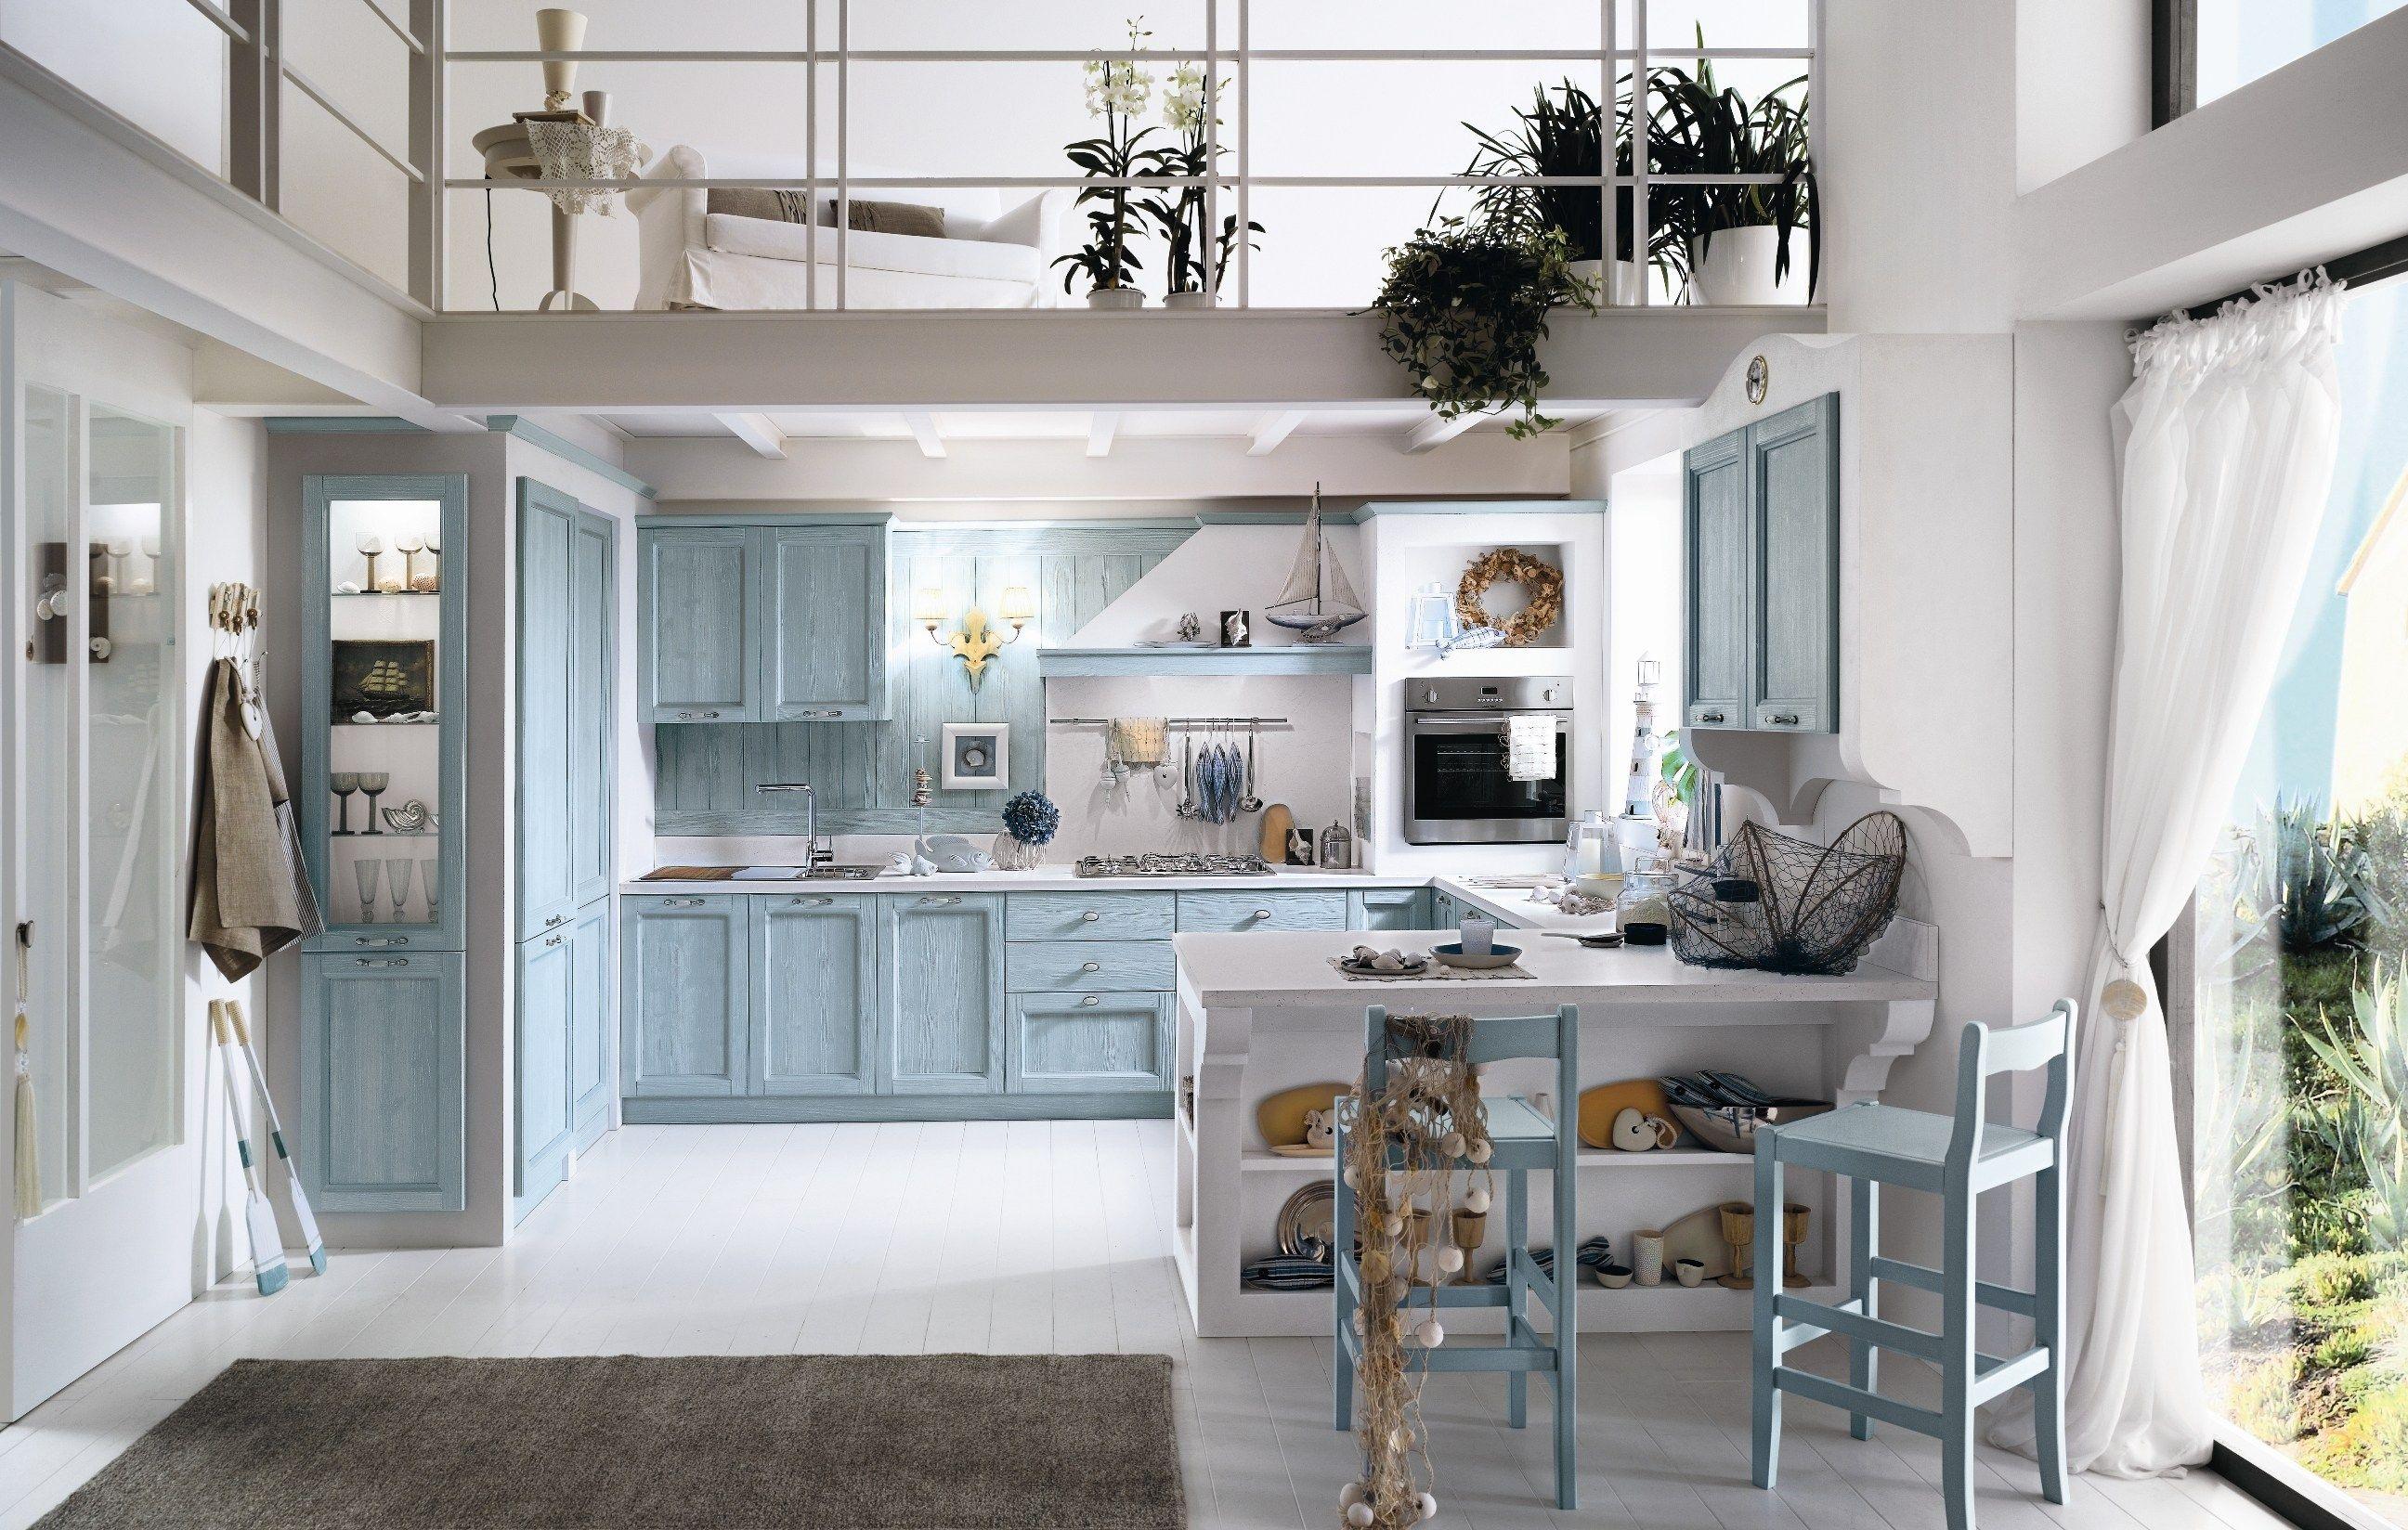 EVERY DAY Cucina con penisola by Callesella Arredamenti S.r.l.